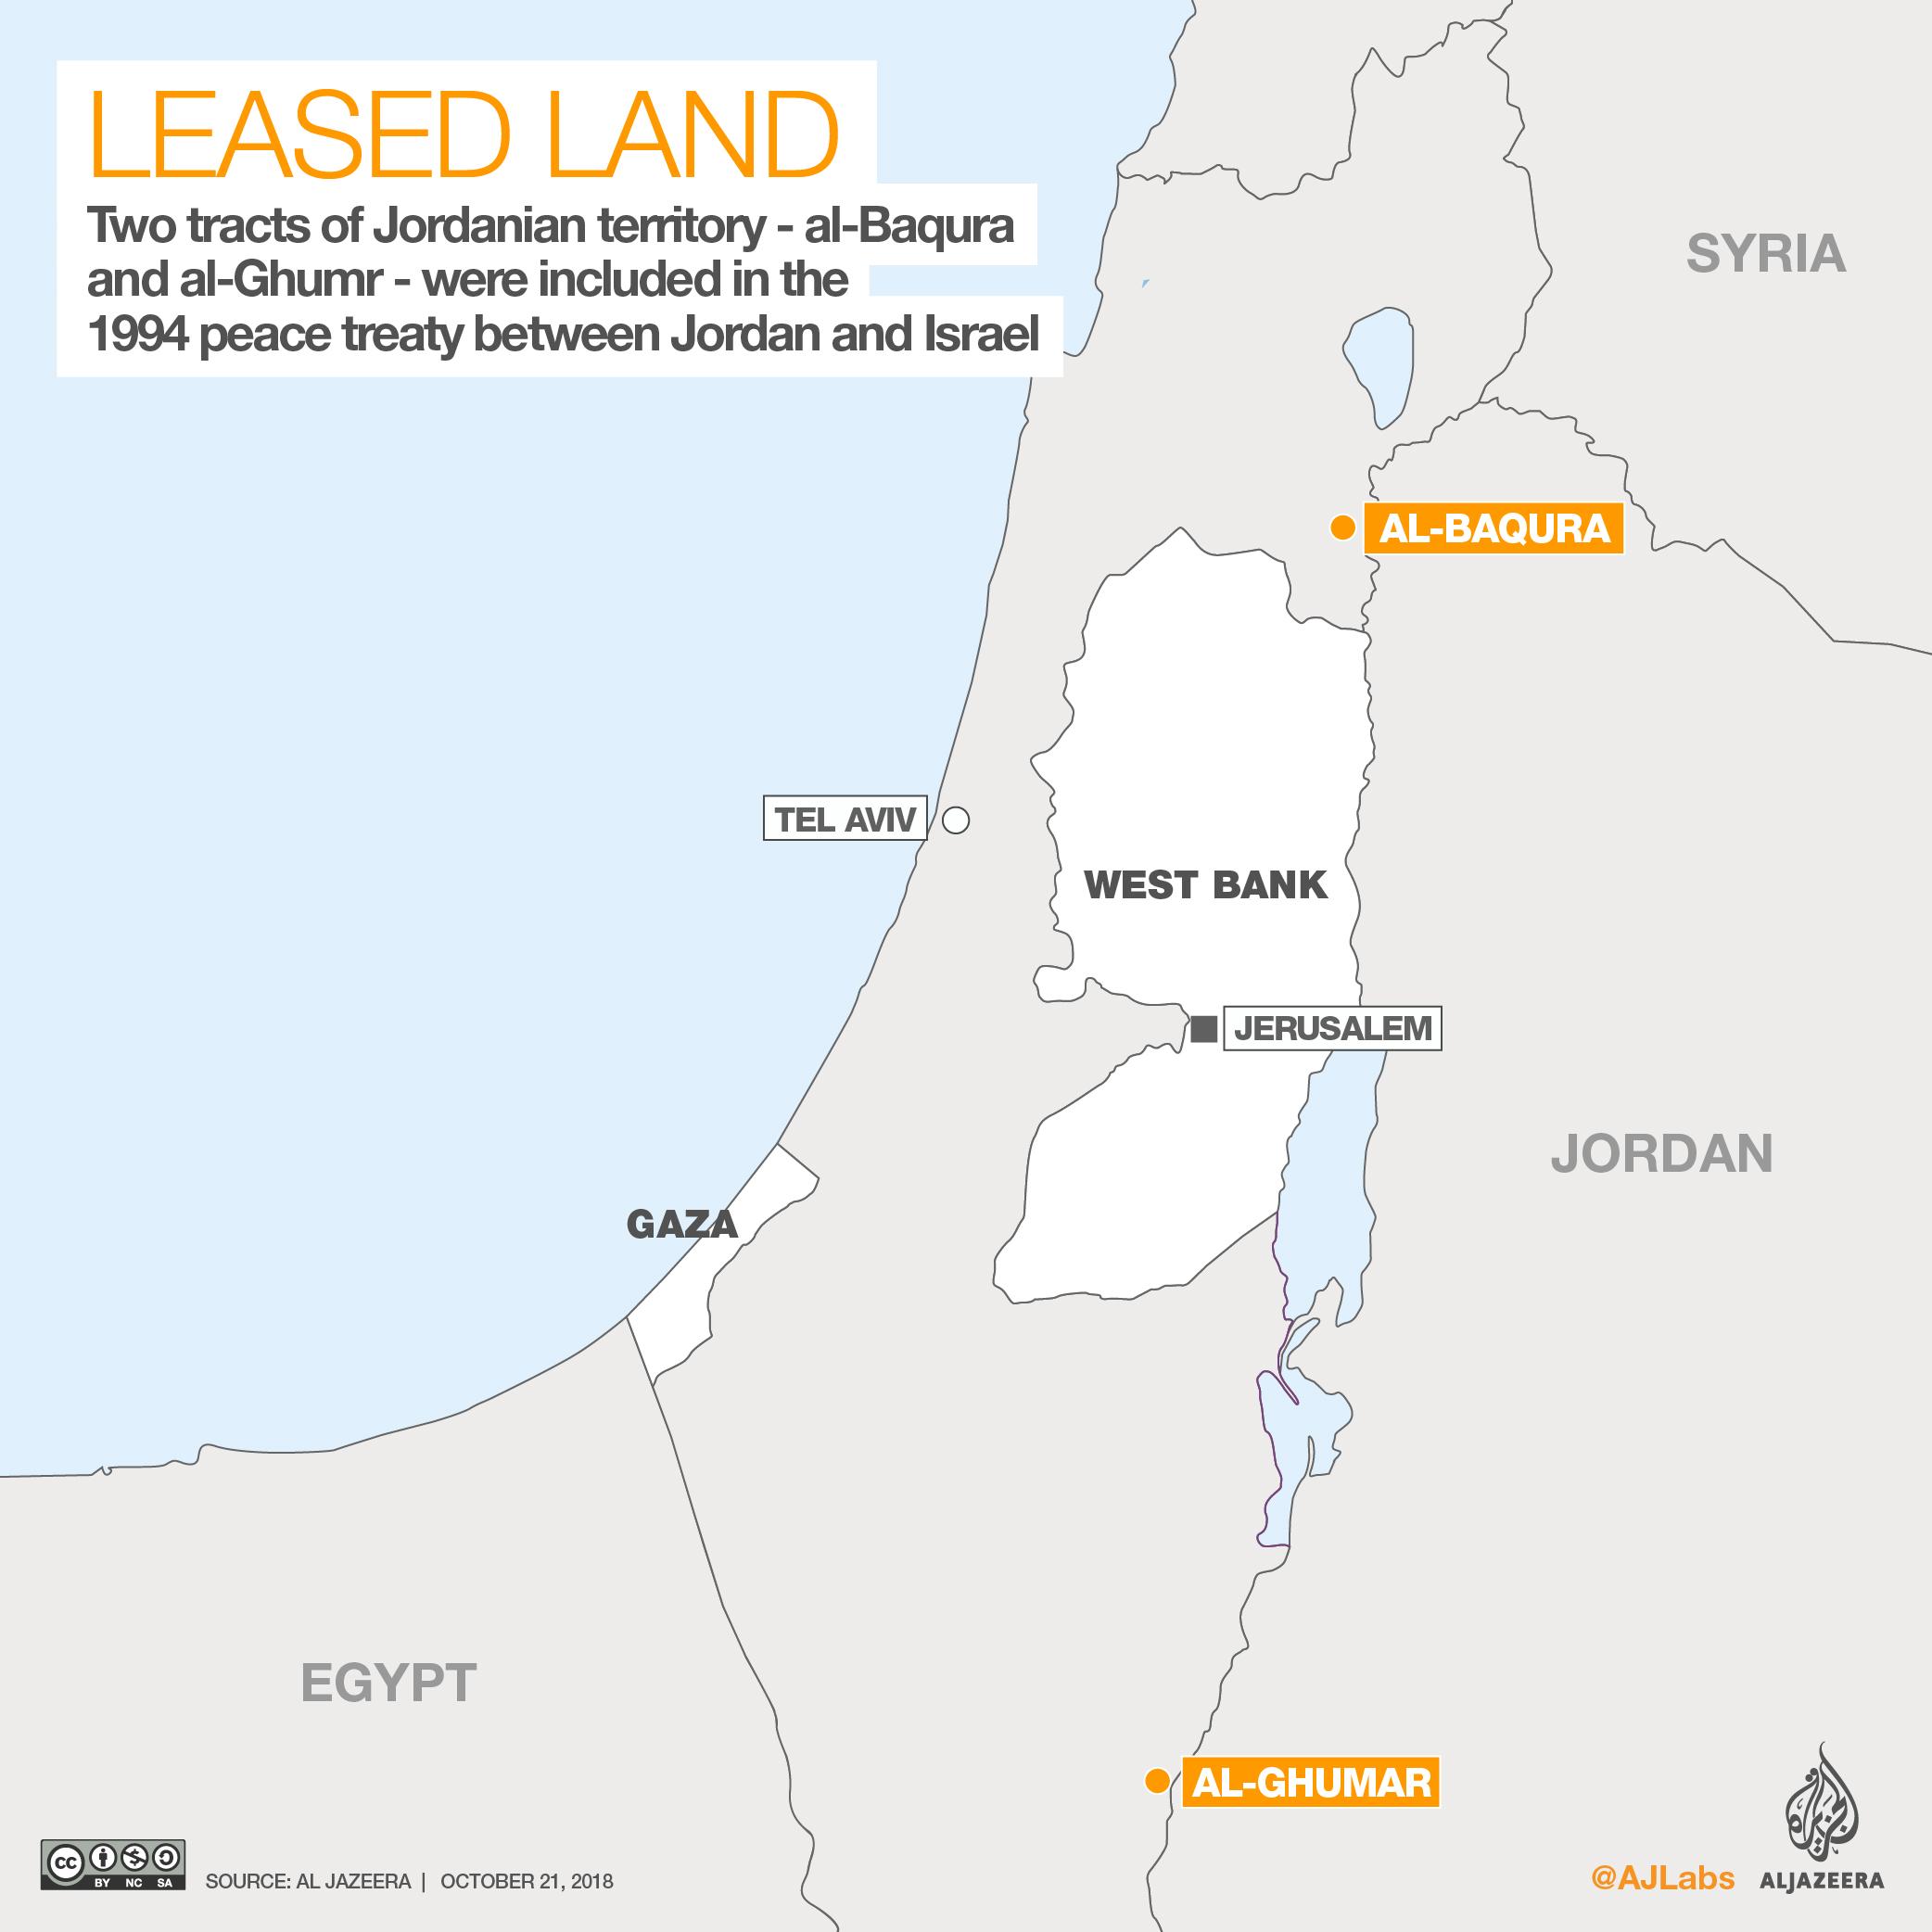 King Says Jordan To Reclaim Land Held By Israel Under 1994 Deal